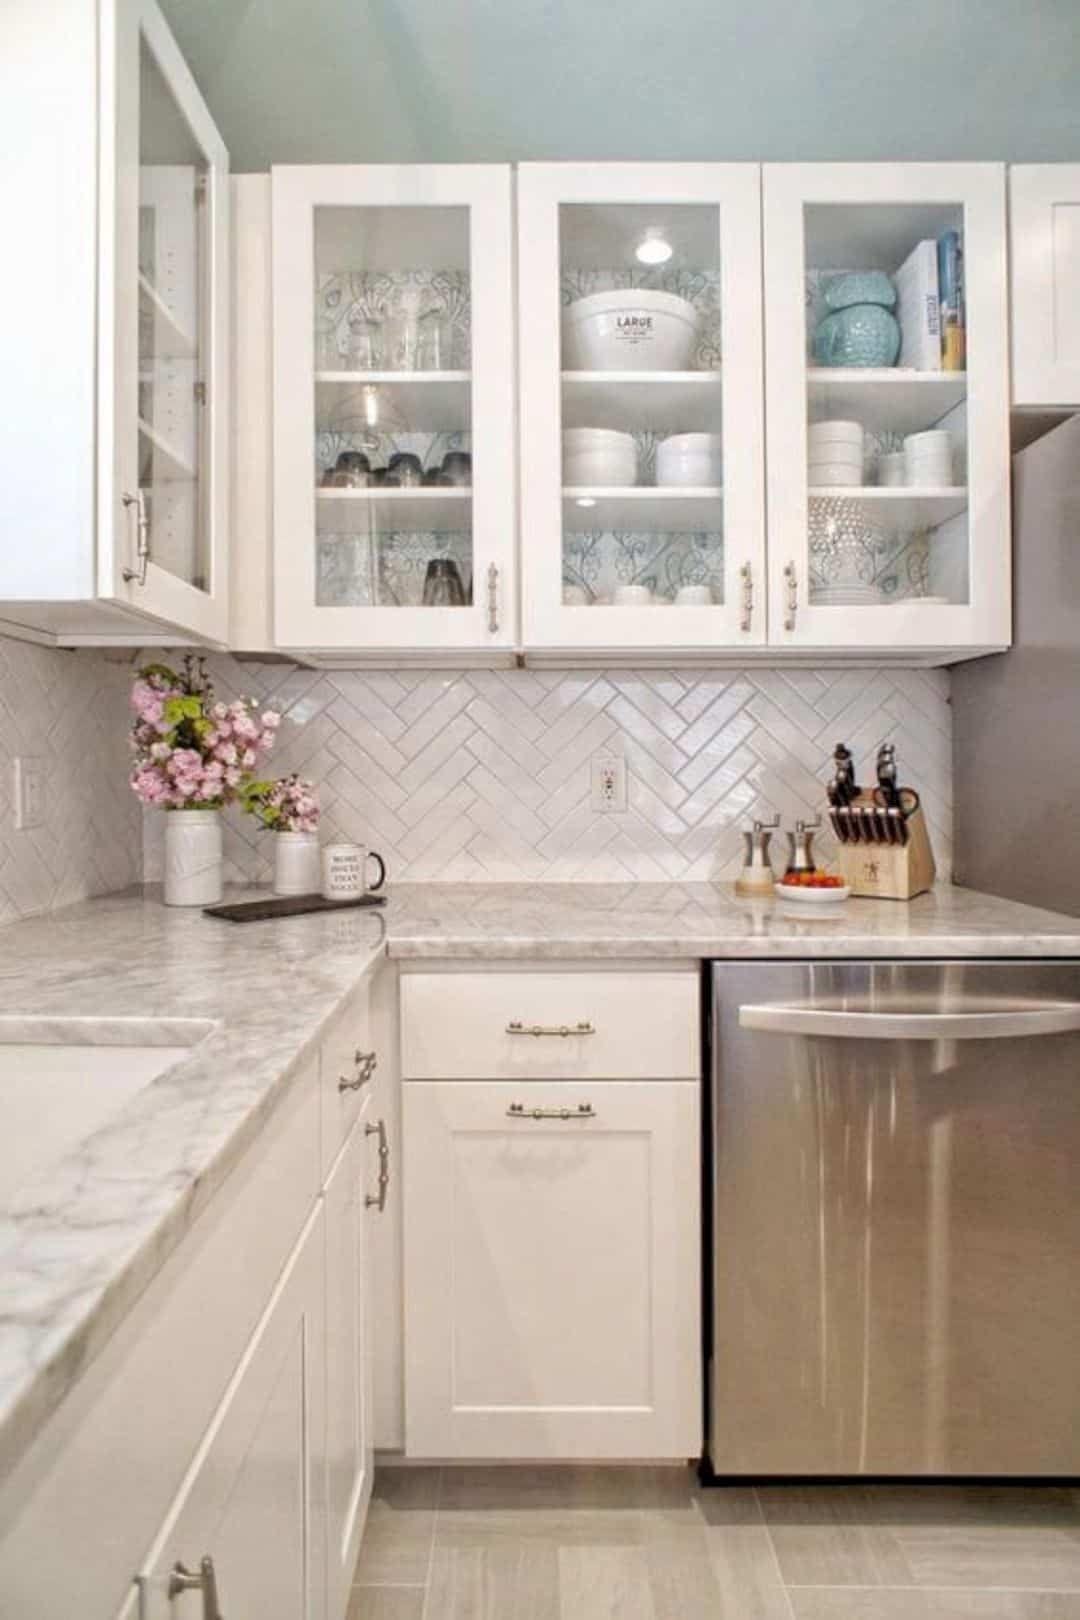 Small Townhouse Interior Design Ideas 9   Kitchen remodel small ...